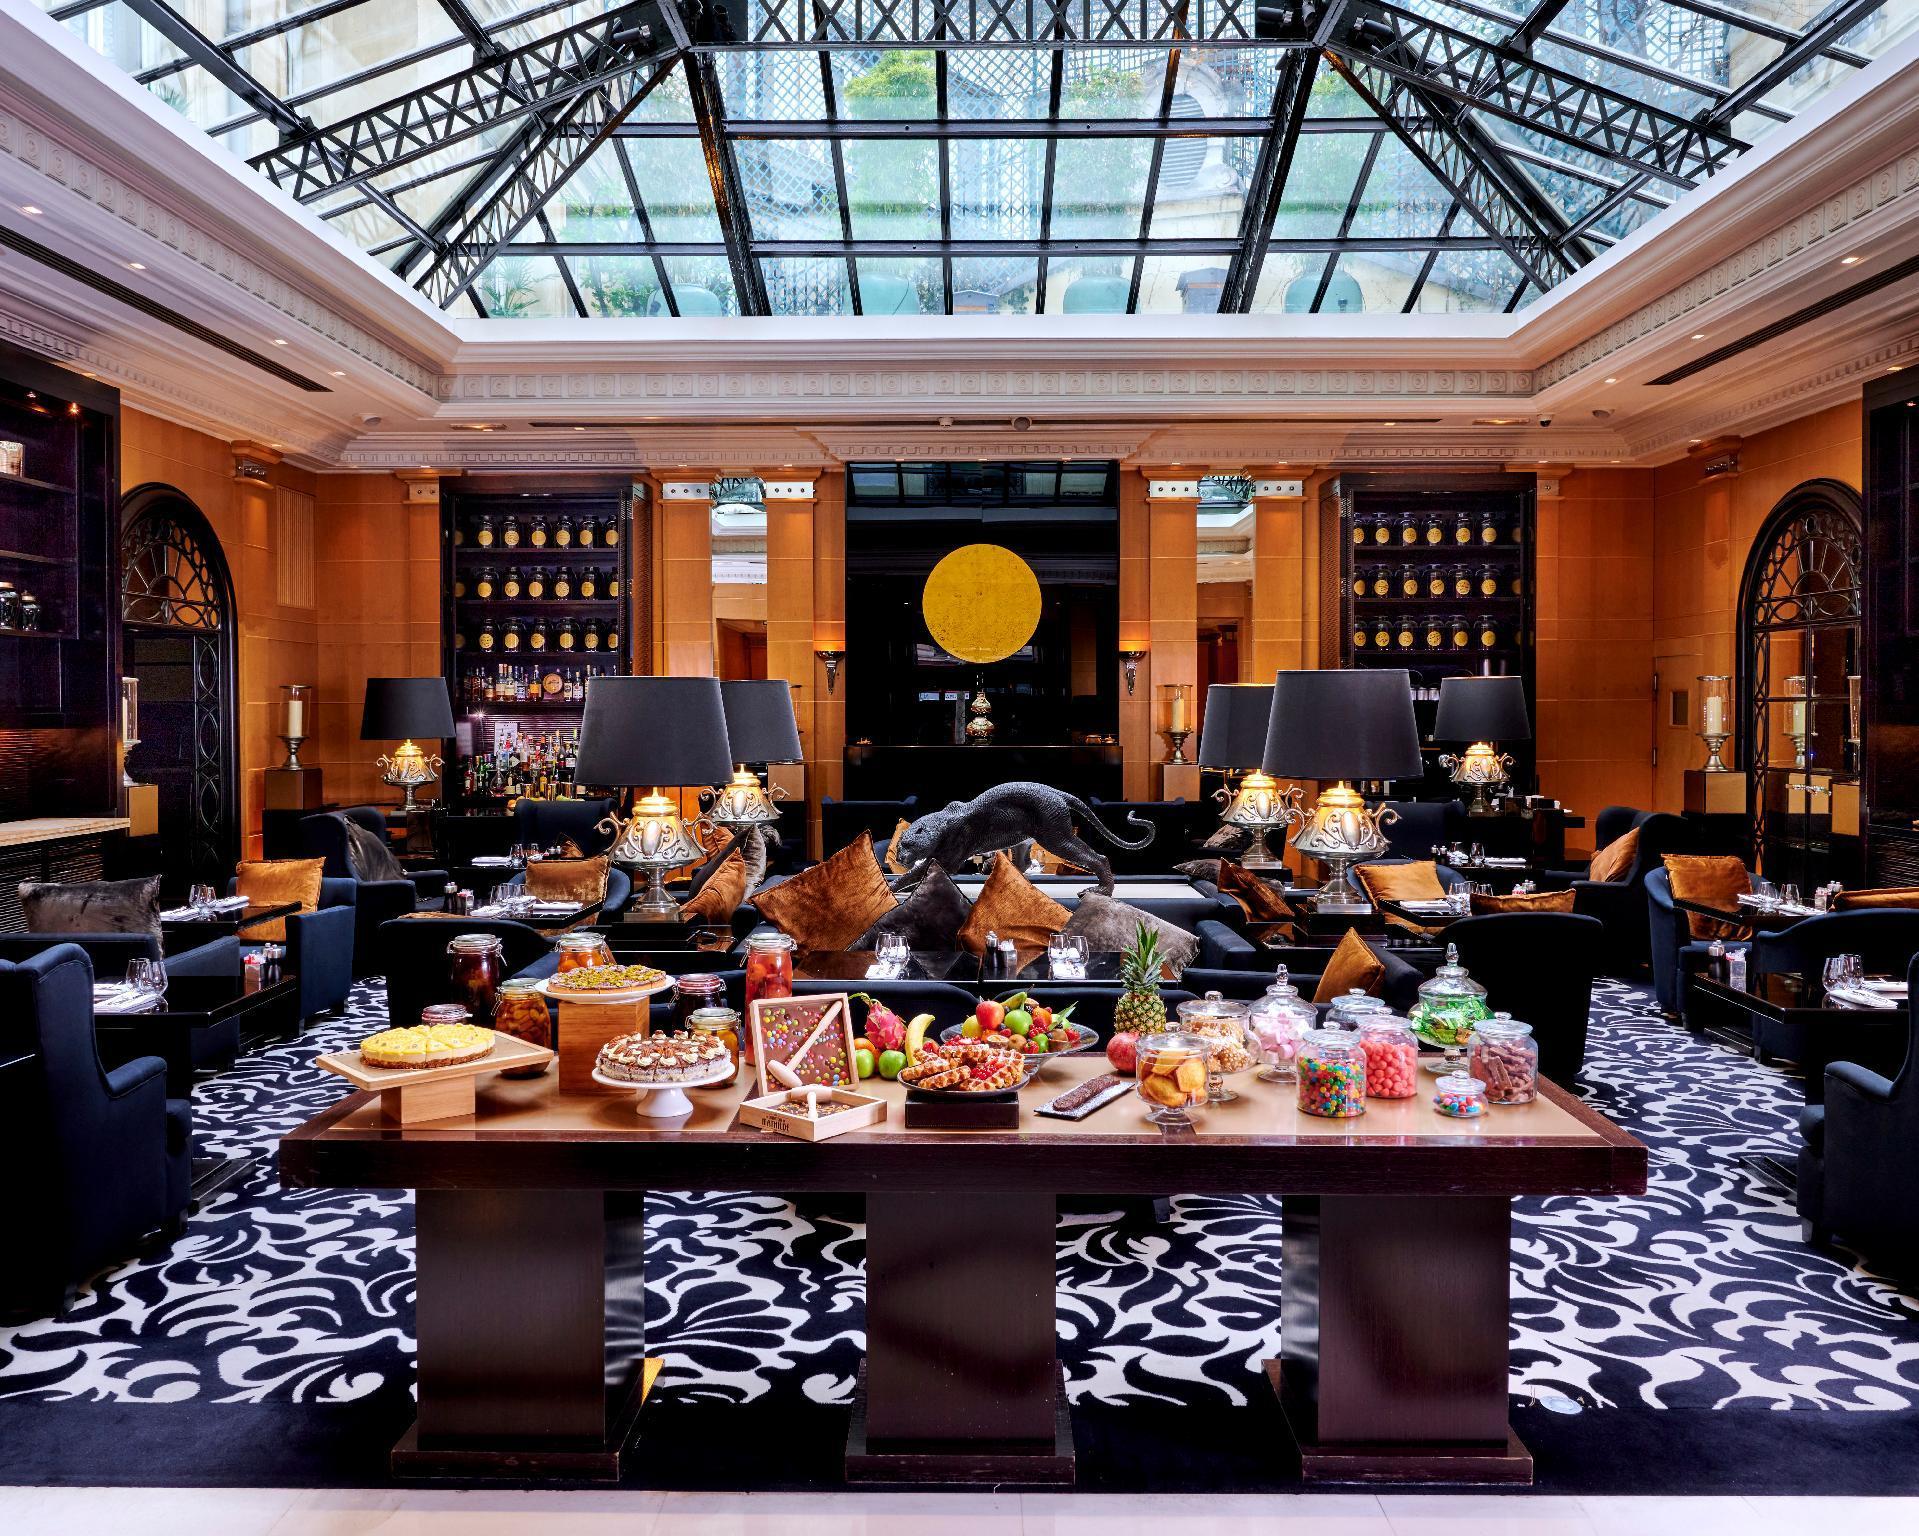 Hyatt Paris Madeleine Hotel